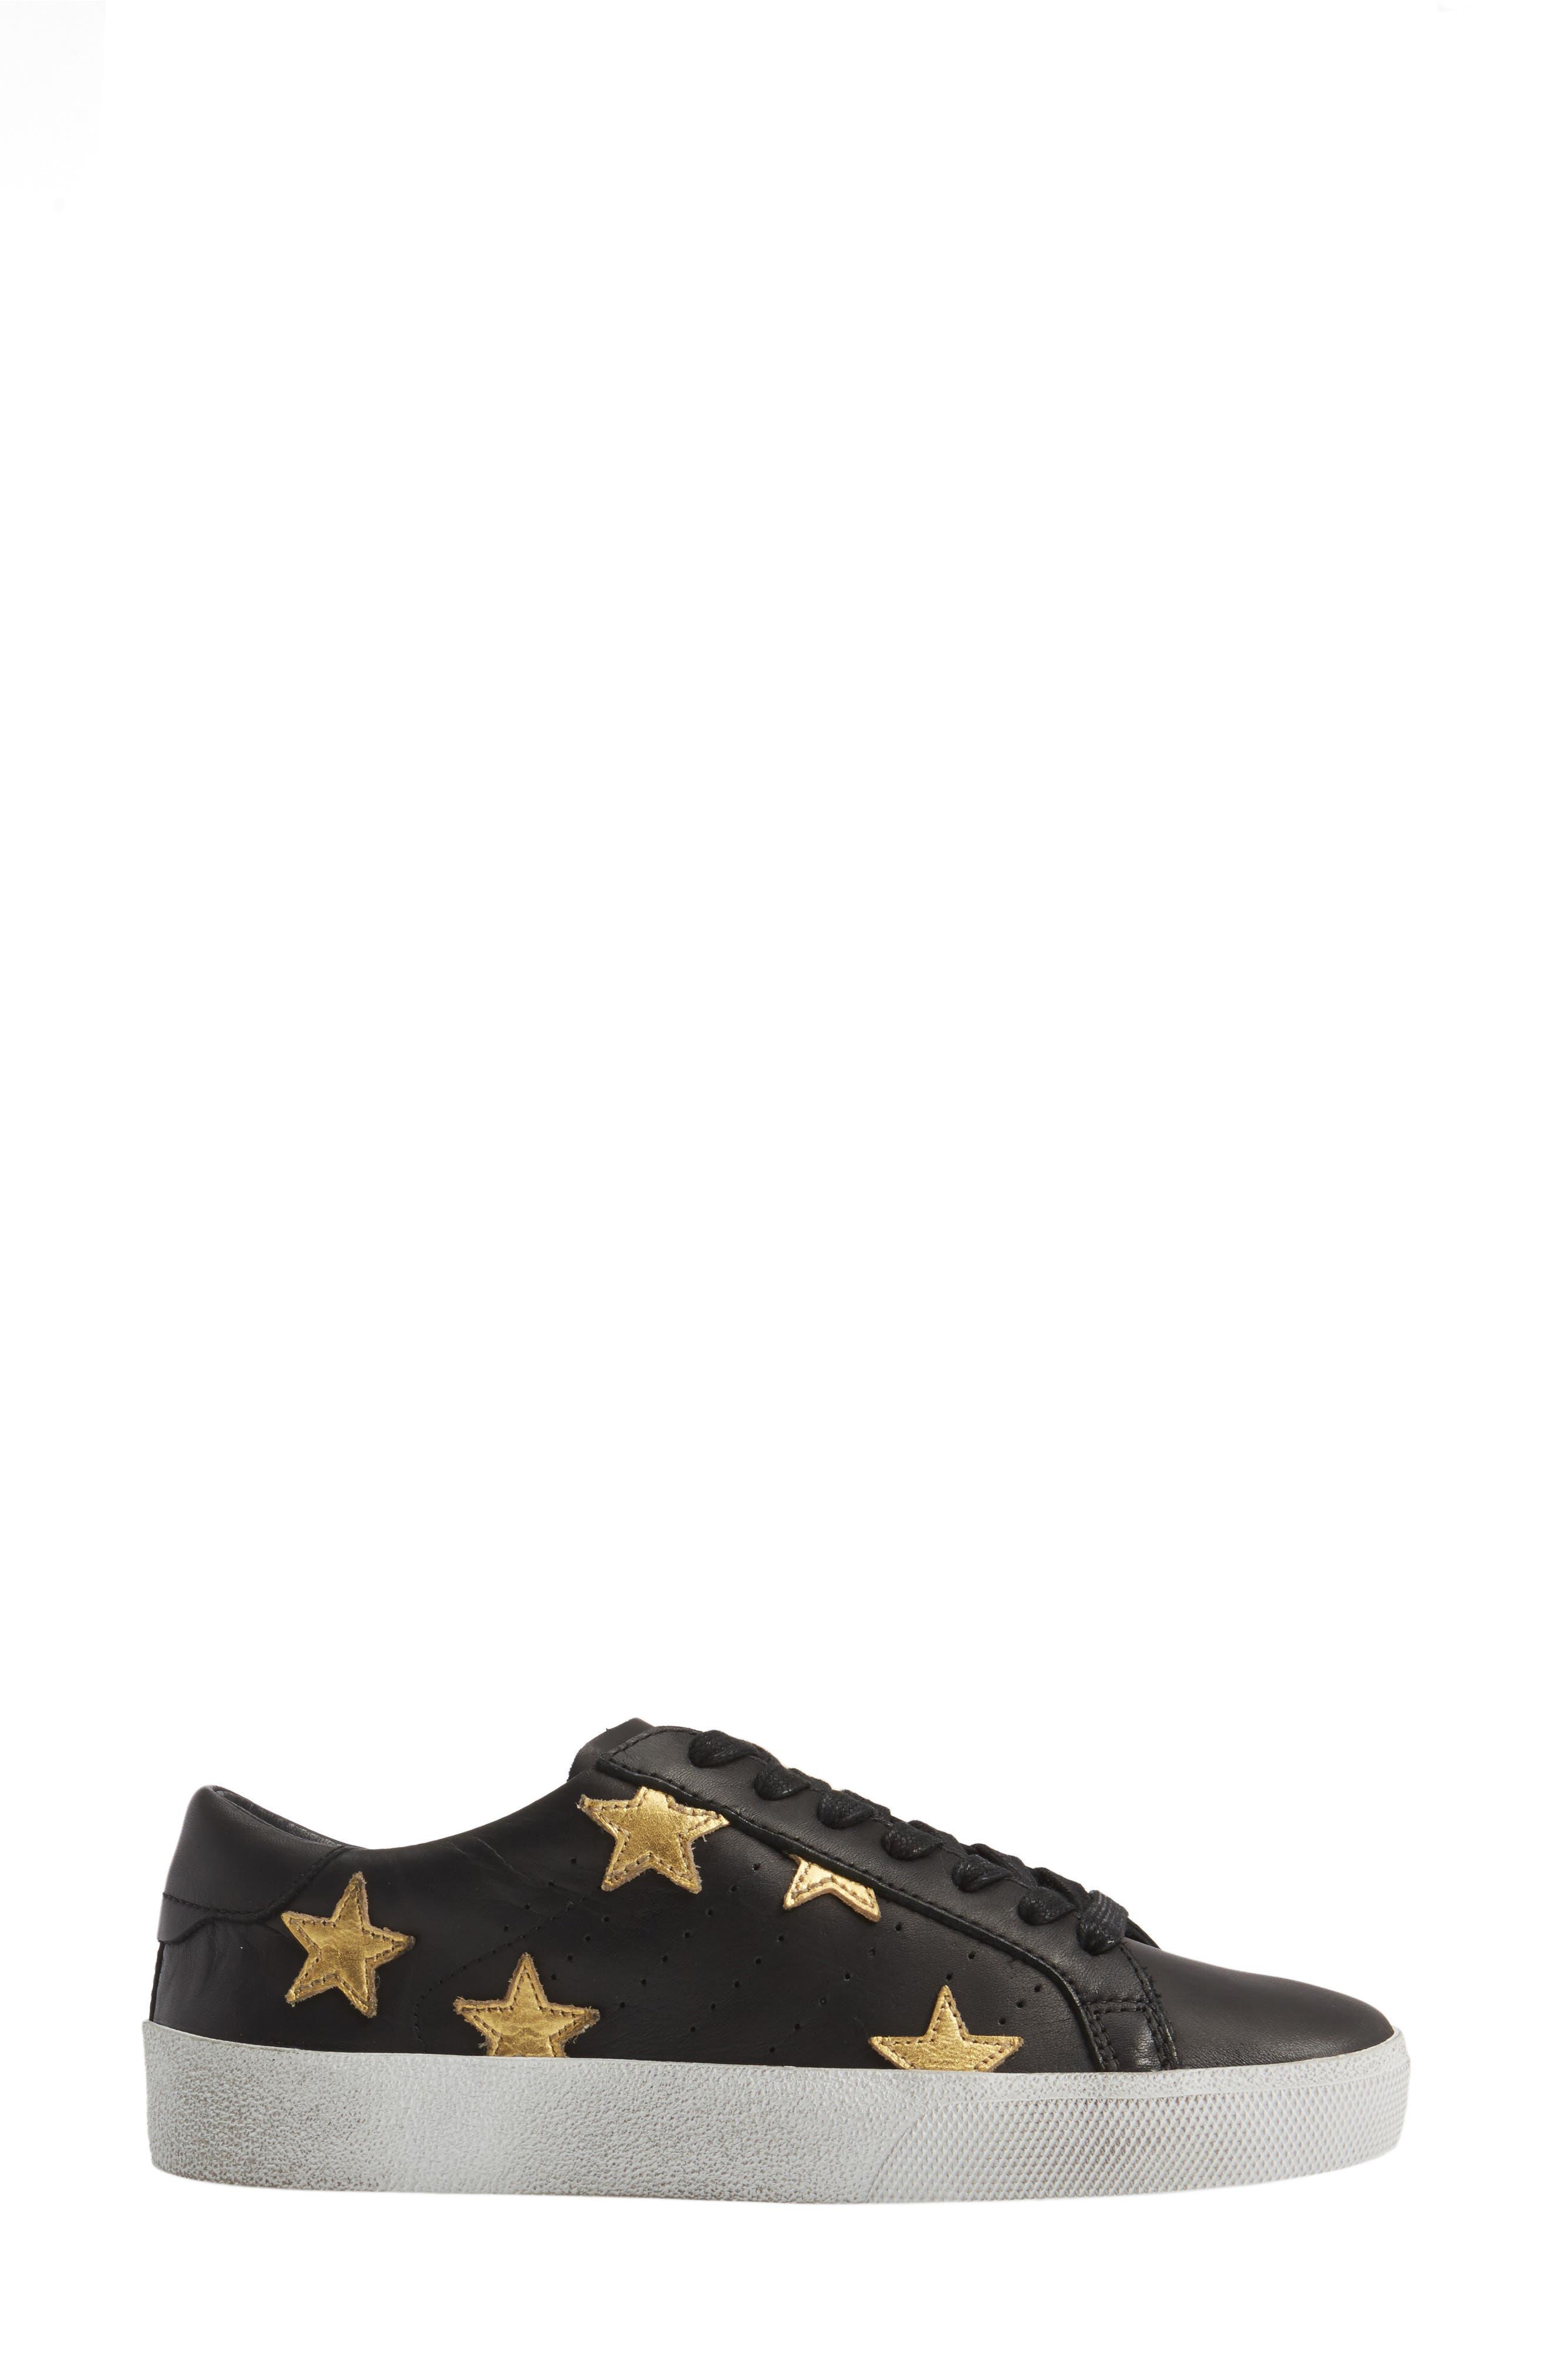 Alternate Image 3  - Mercer Edit Callback Star Sneaker (Women)